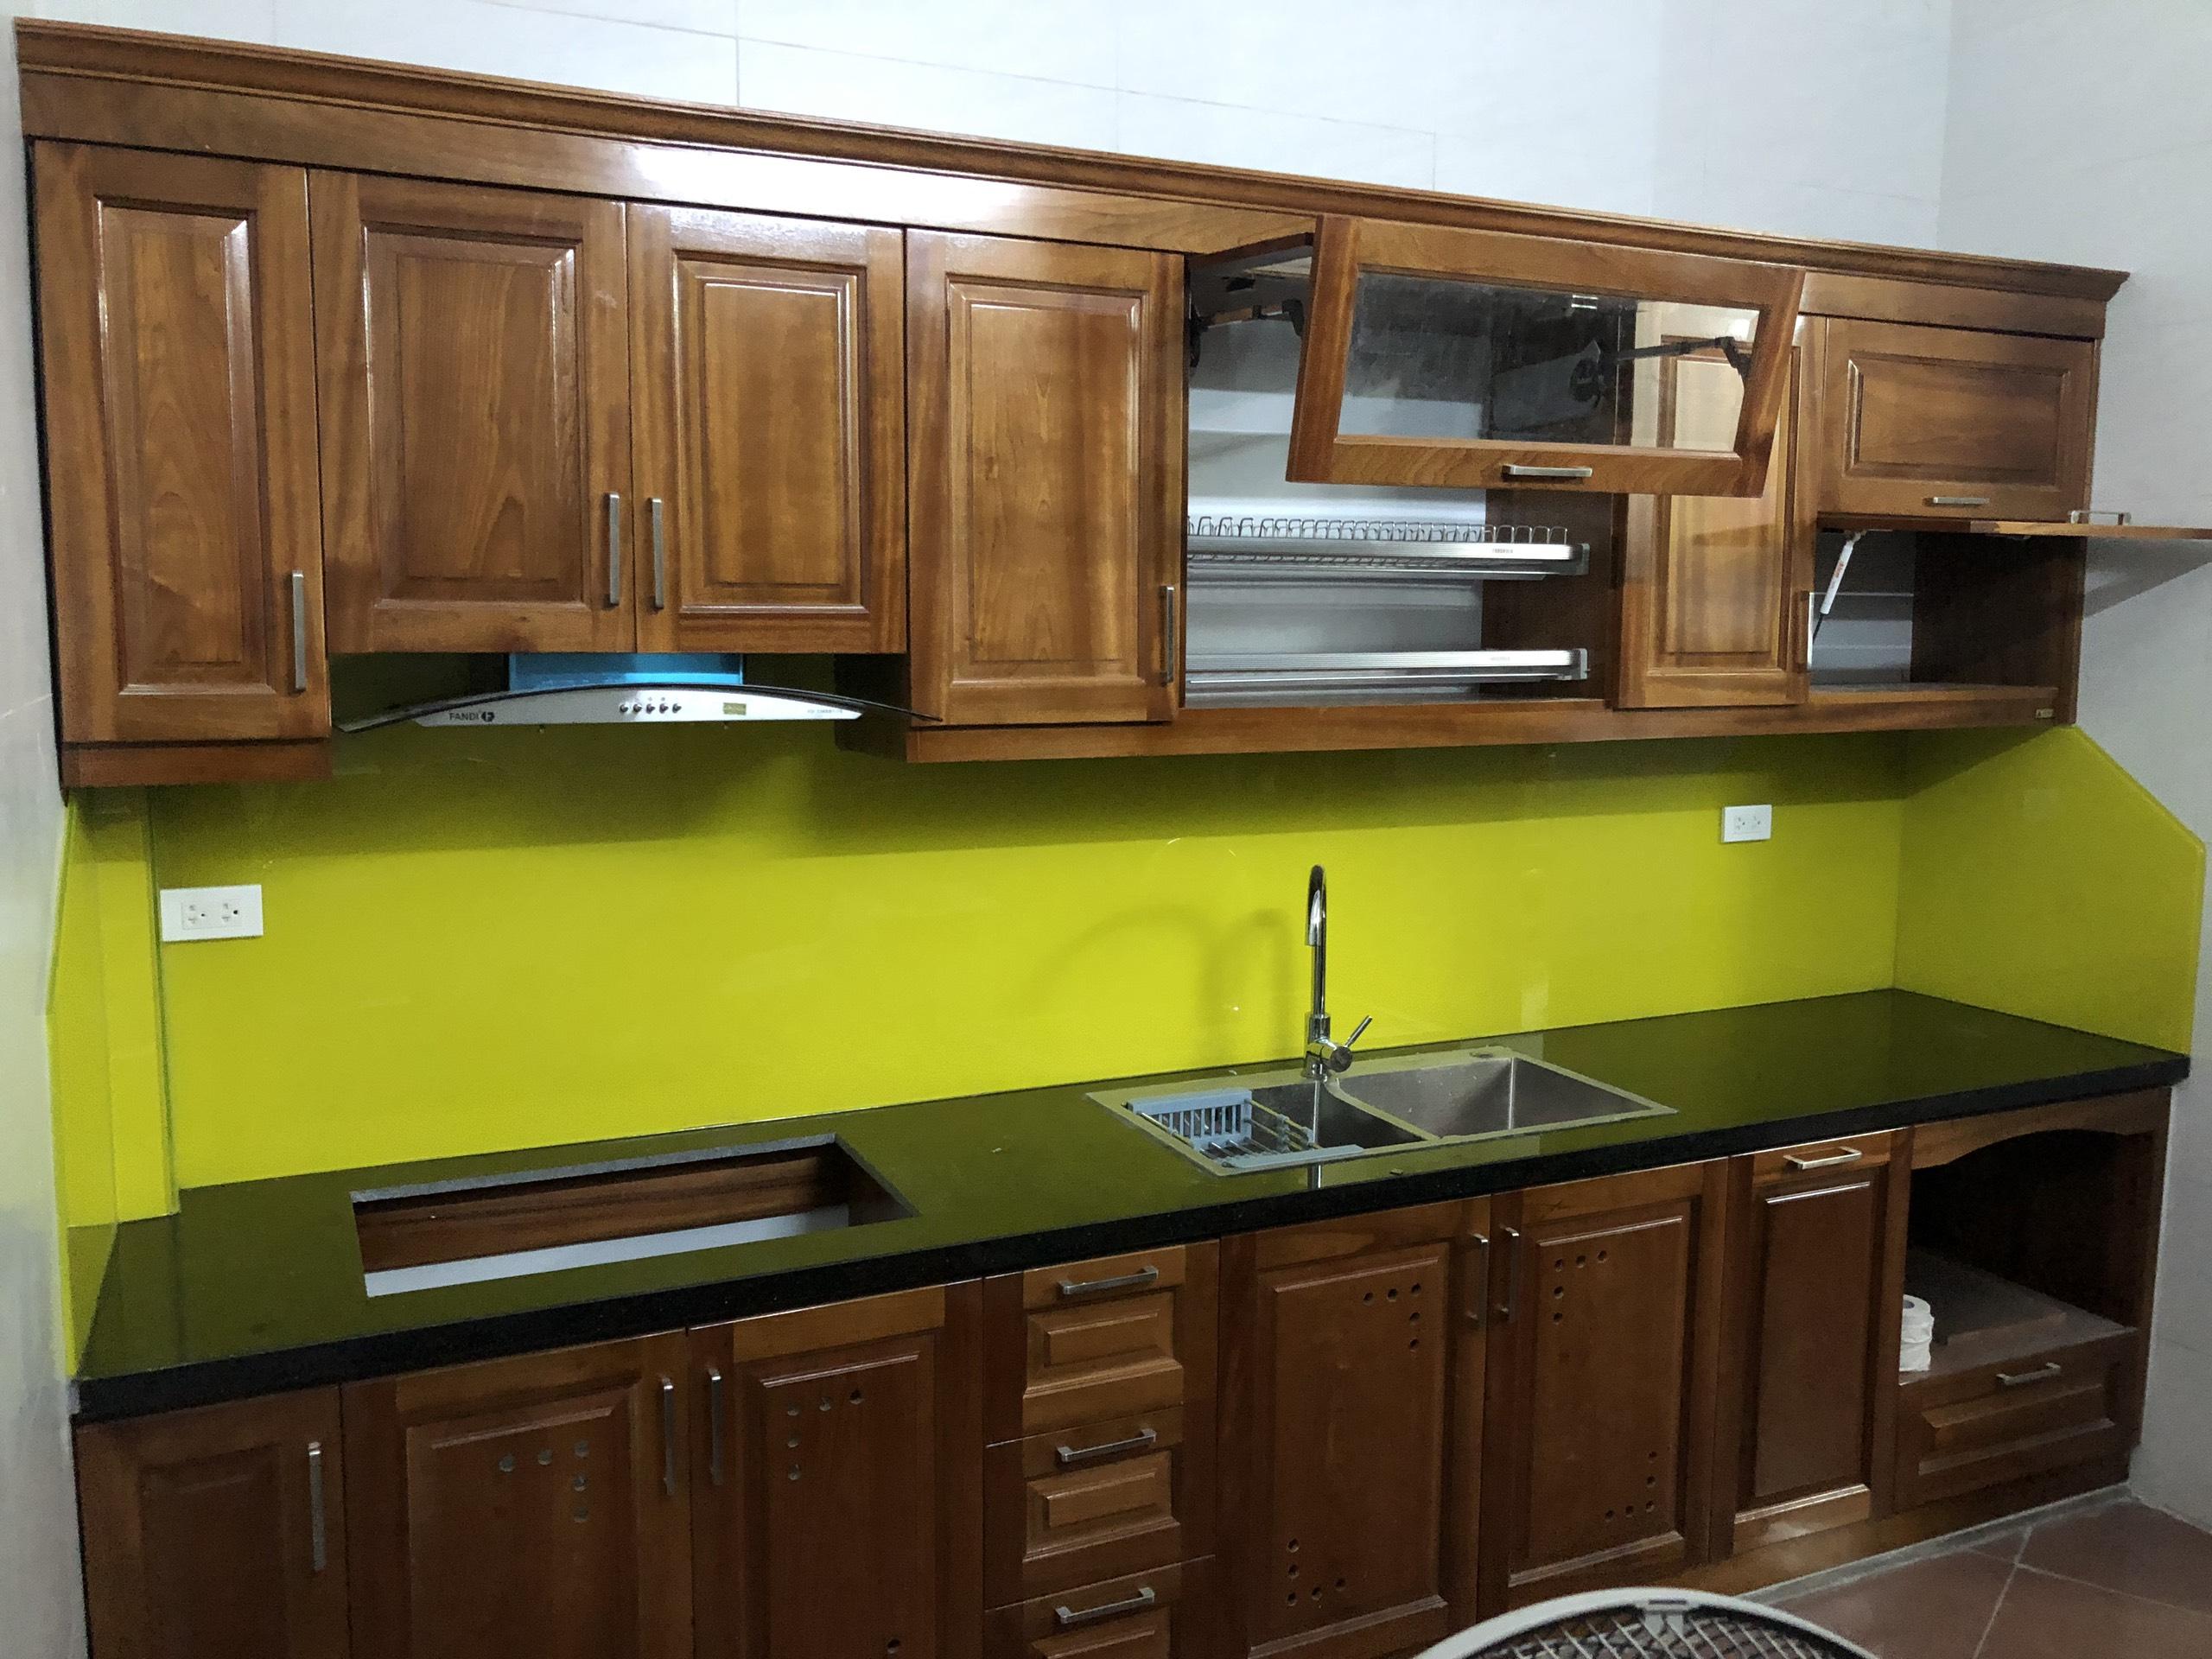 Gỗ xoan đào là lựa chọn hoàn hảo cho căn bếp nhỏ